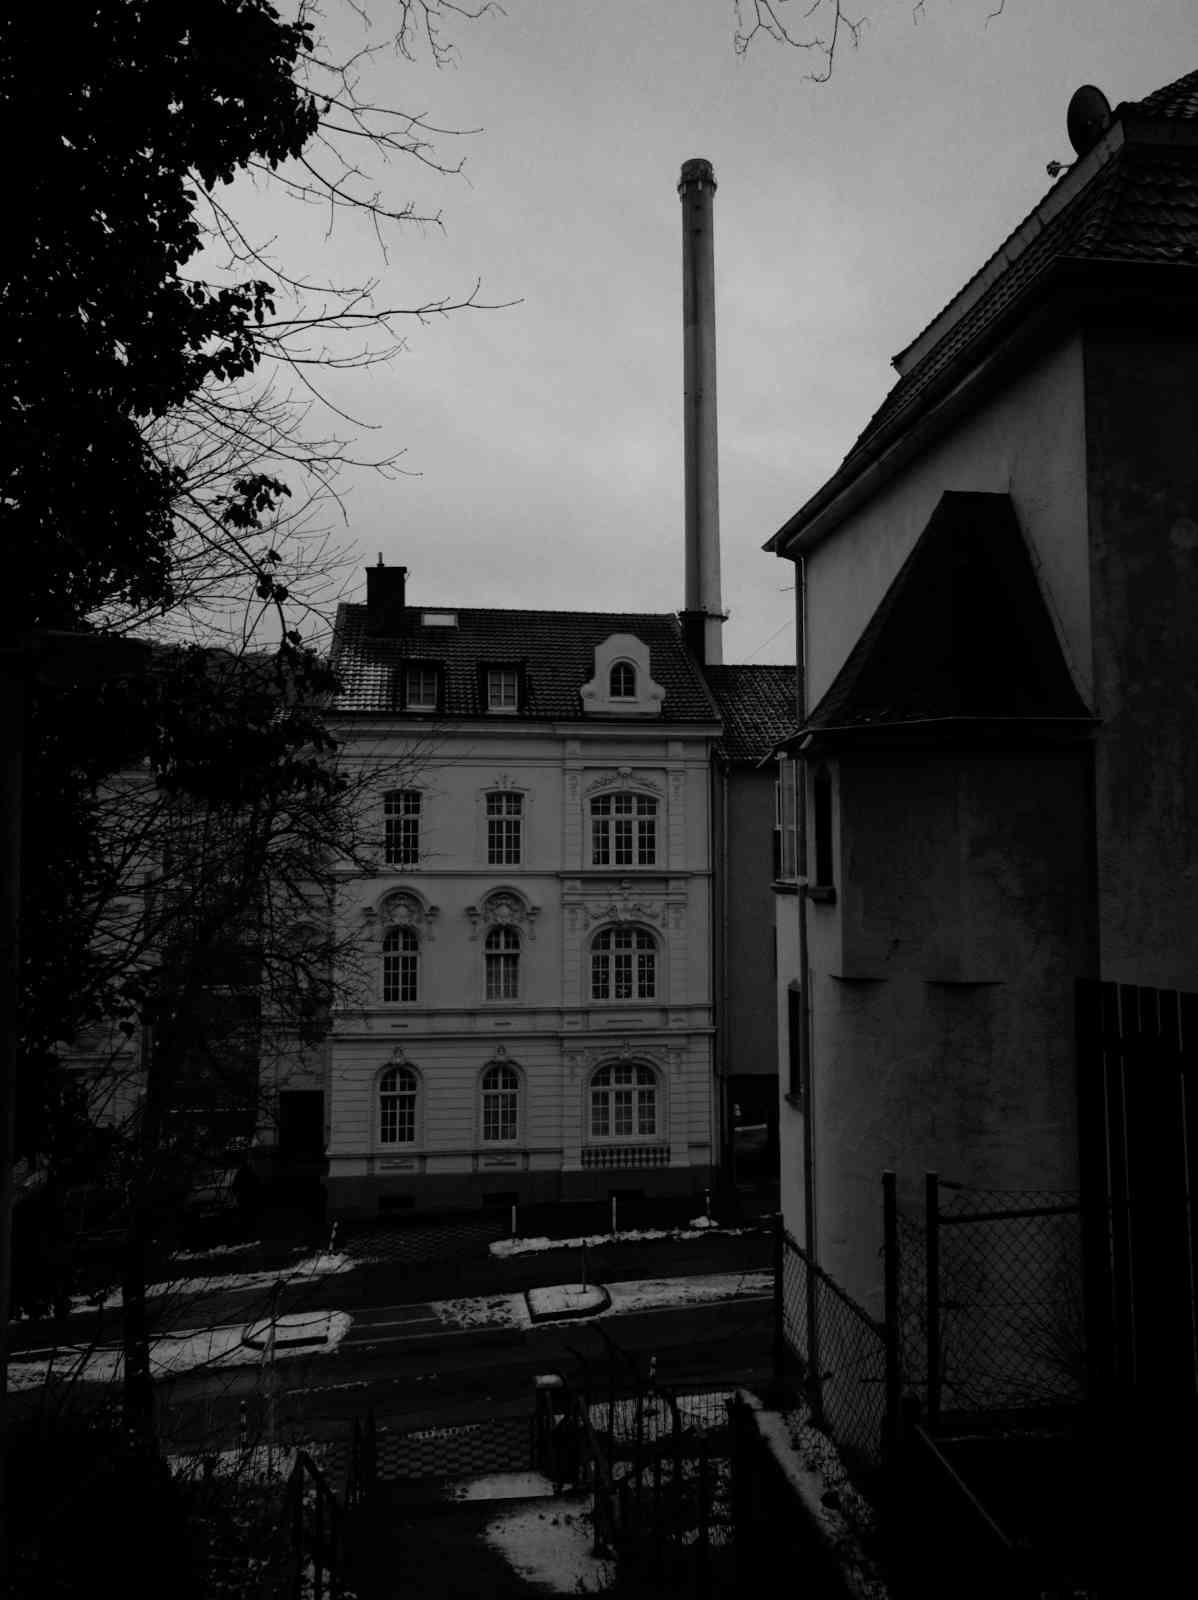 Der Große Schornstein, Wuppertal 07